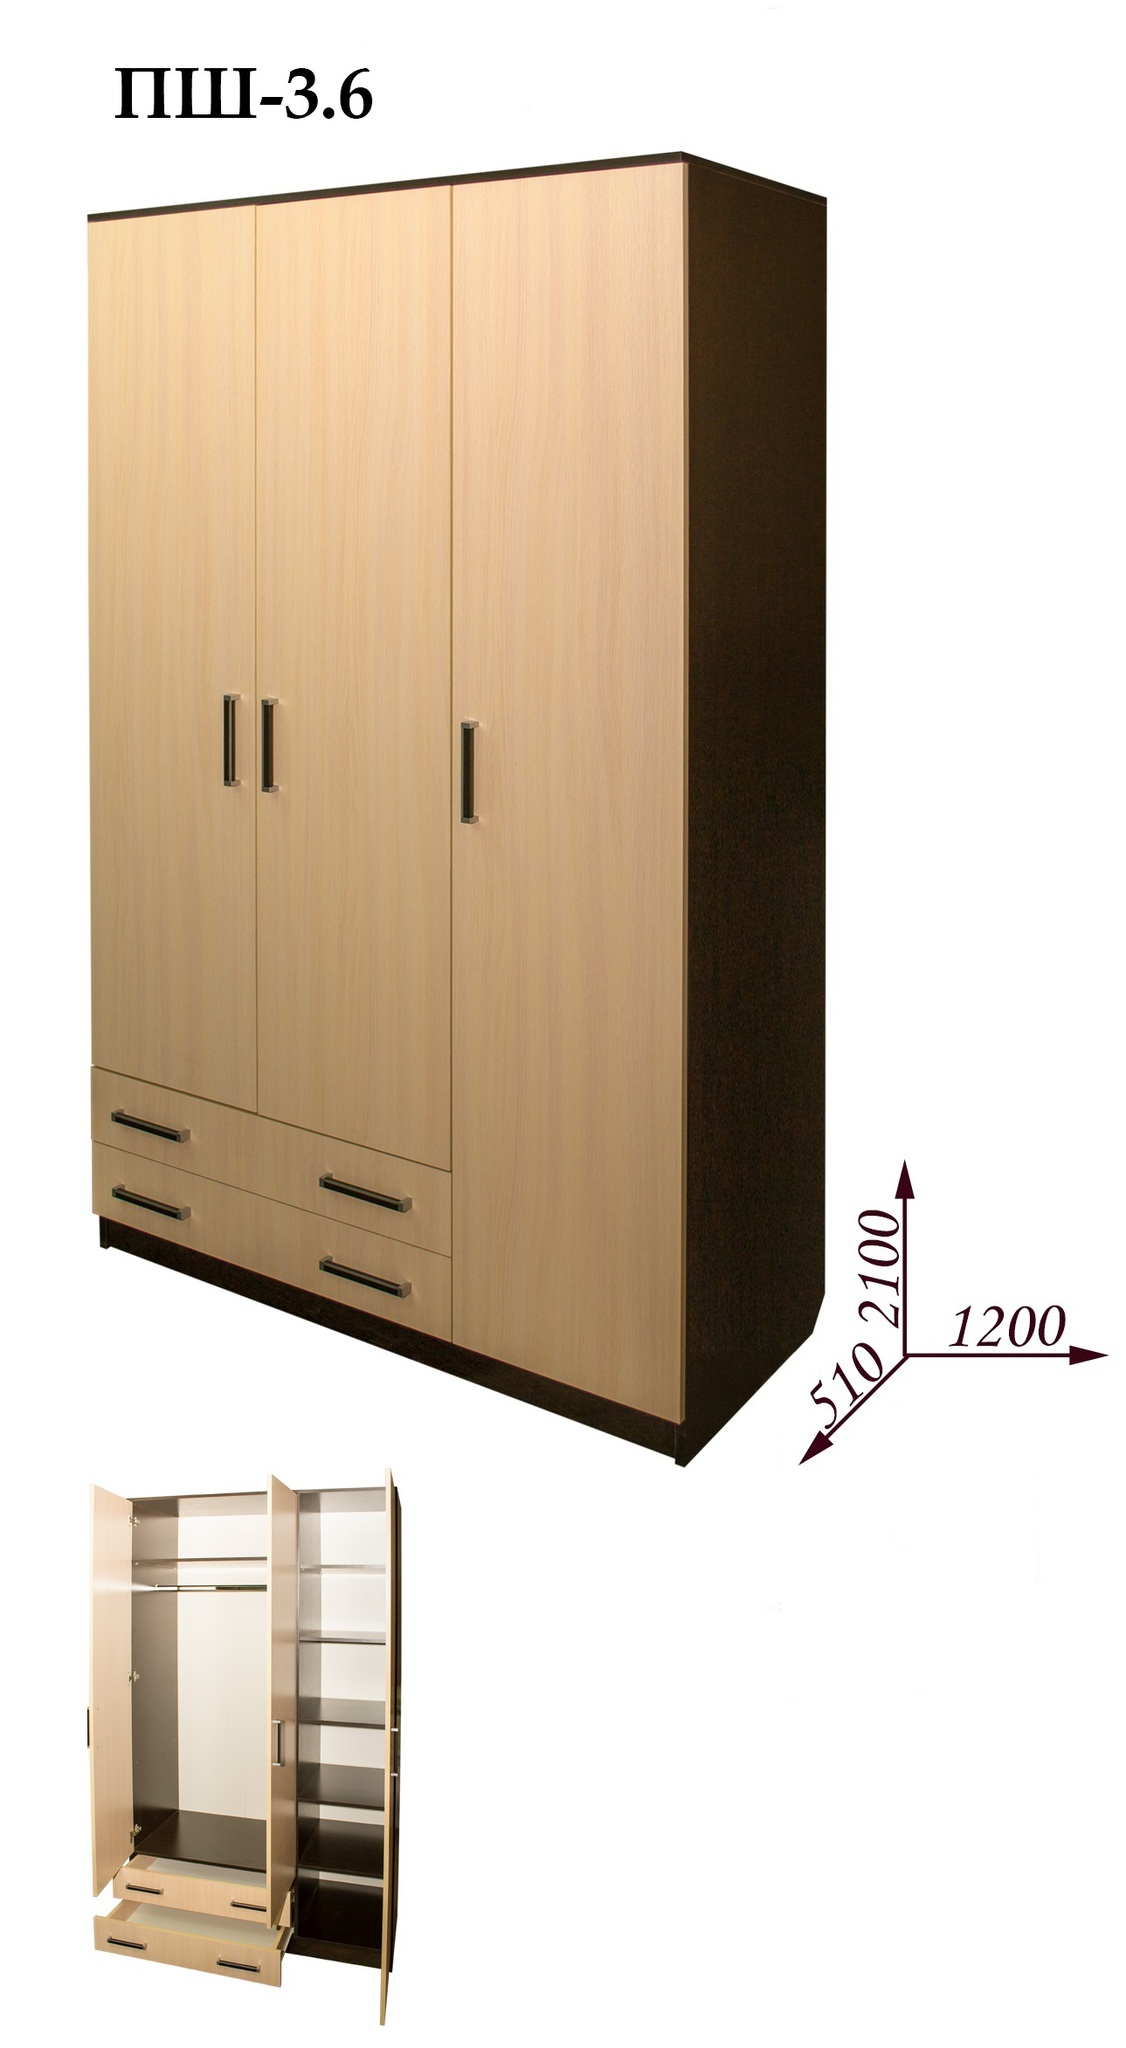 Шкаф распашной 3-створчатый пш-3.6 (венге/дуб молочный) г. п.